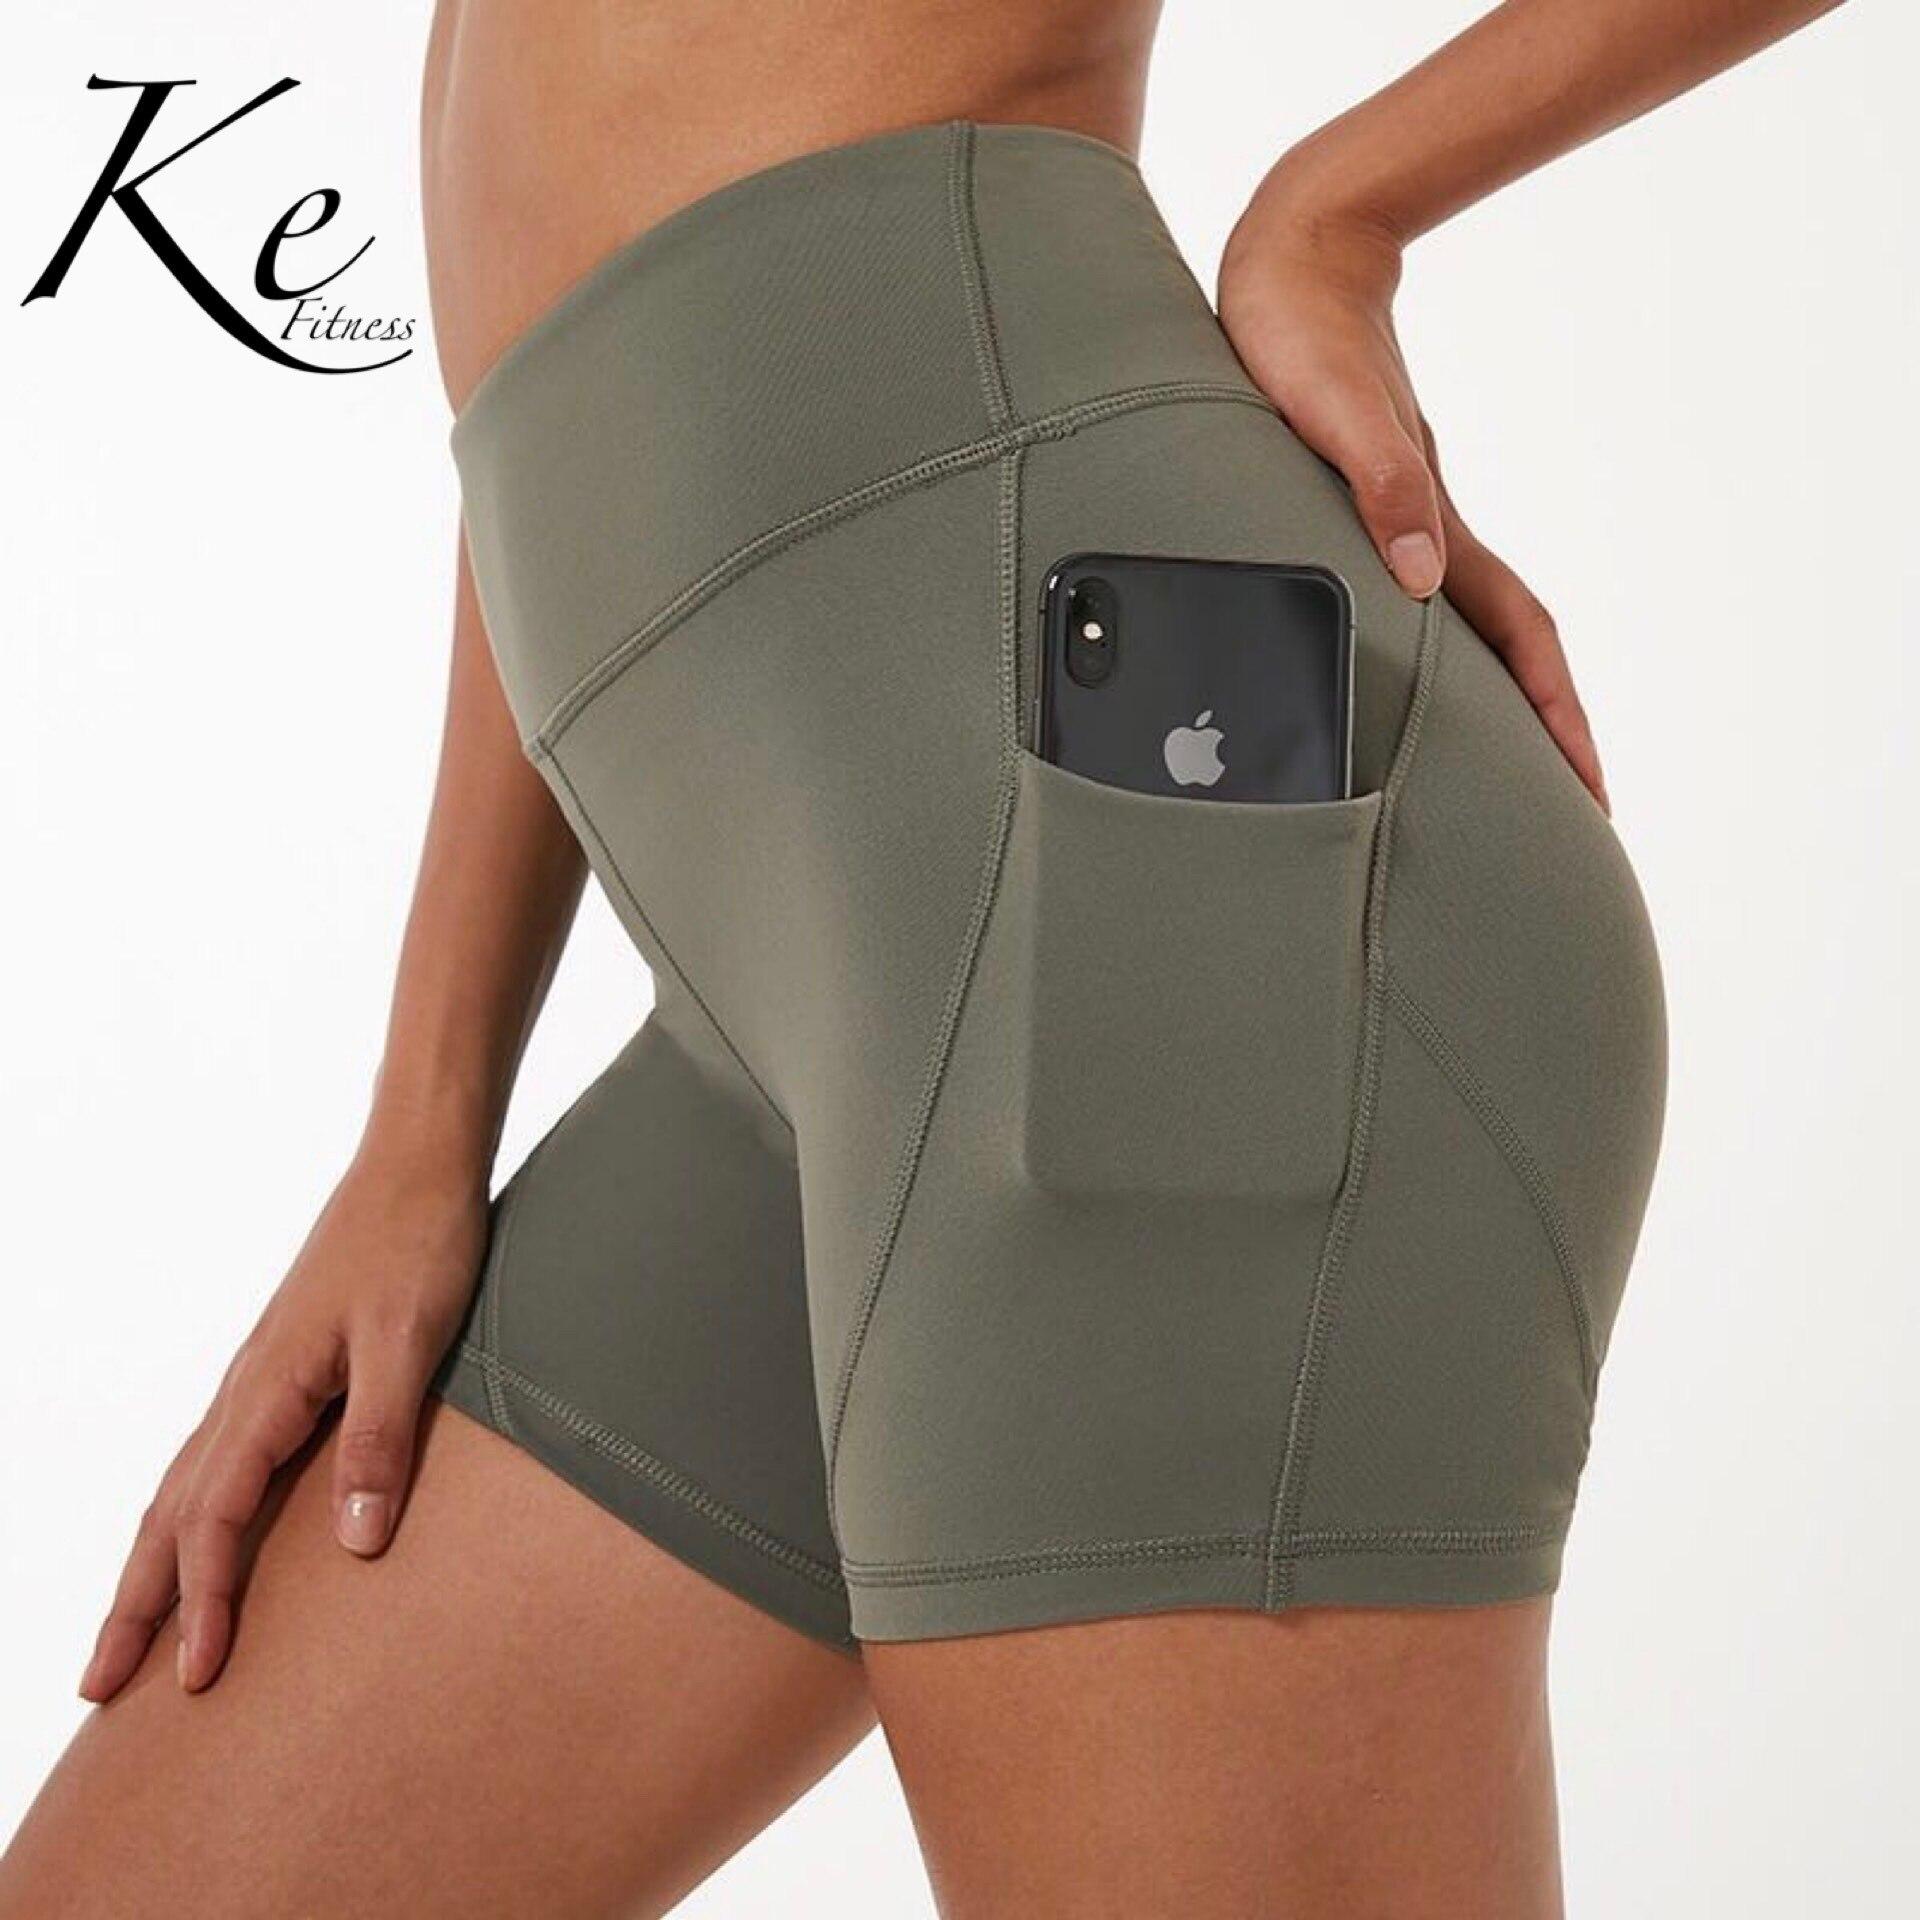 da pele da cintura alta calções de